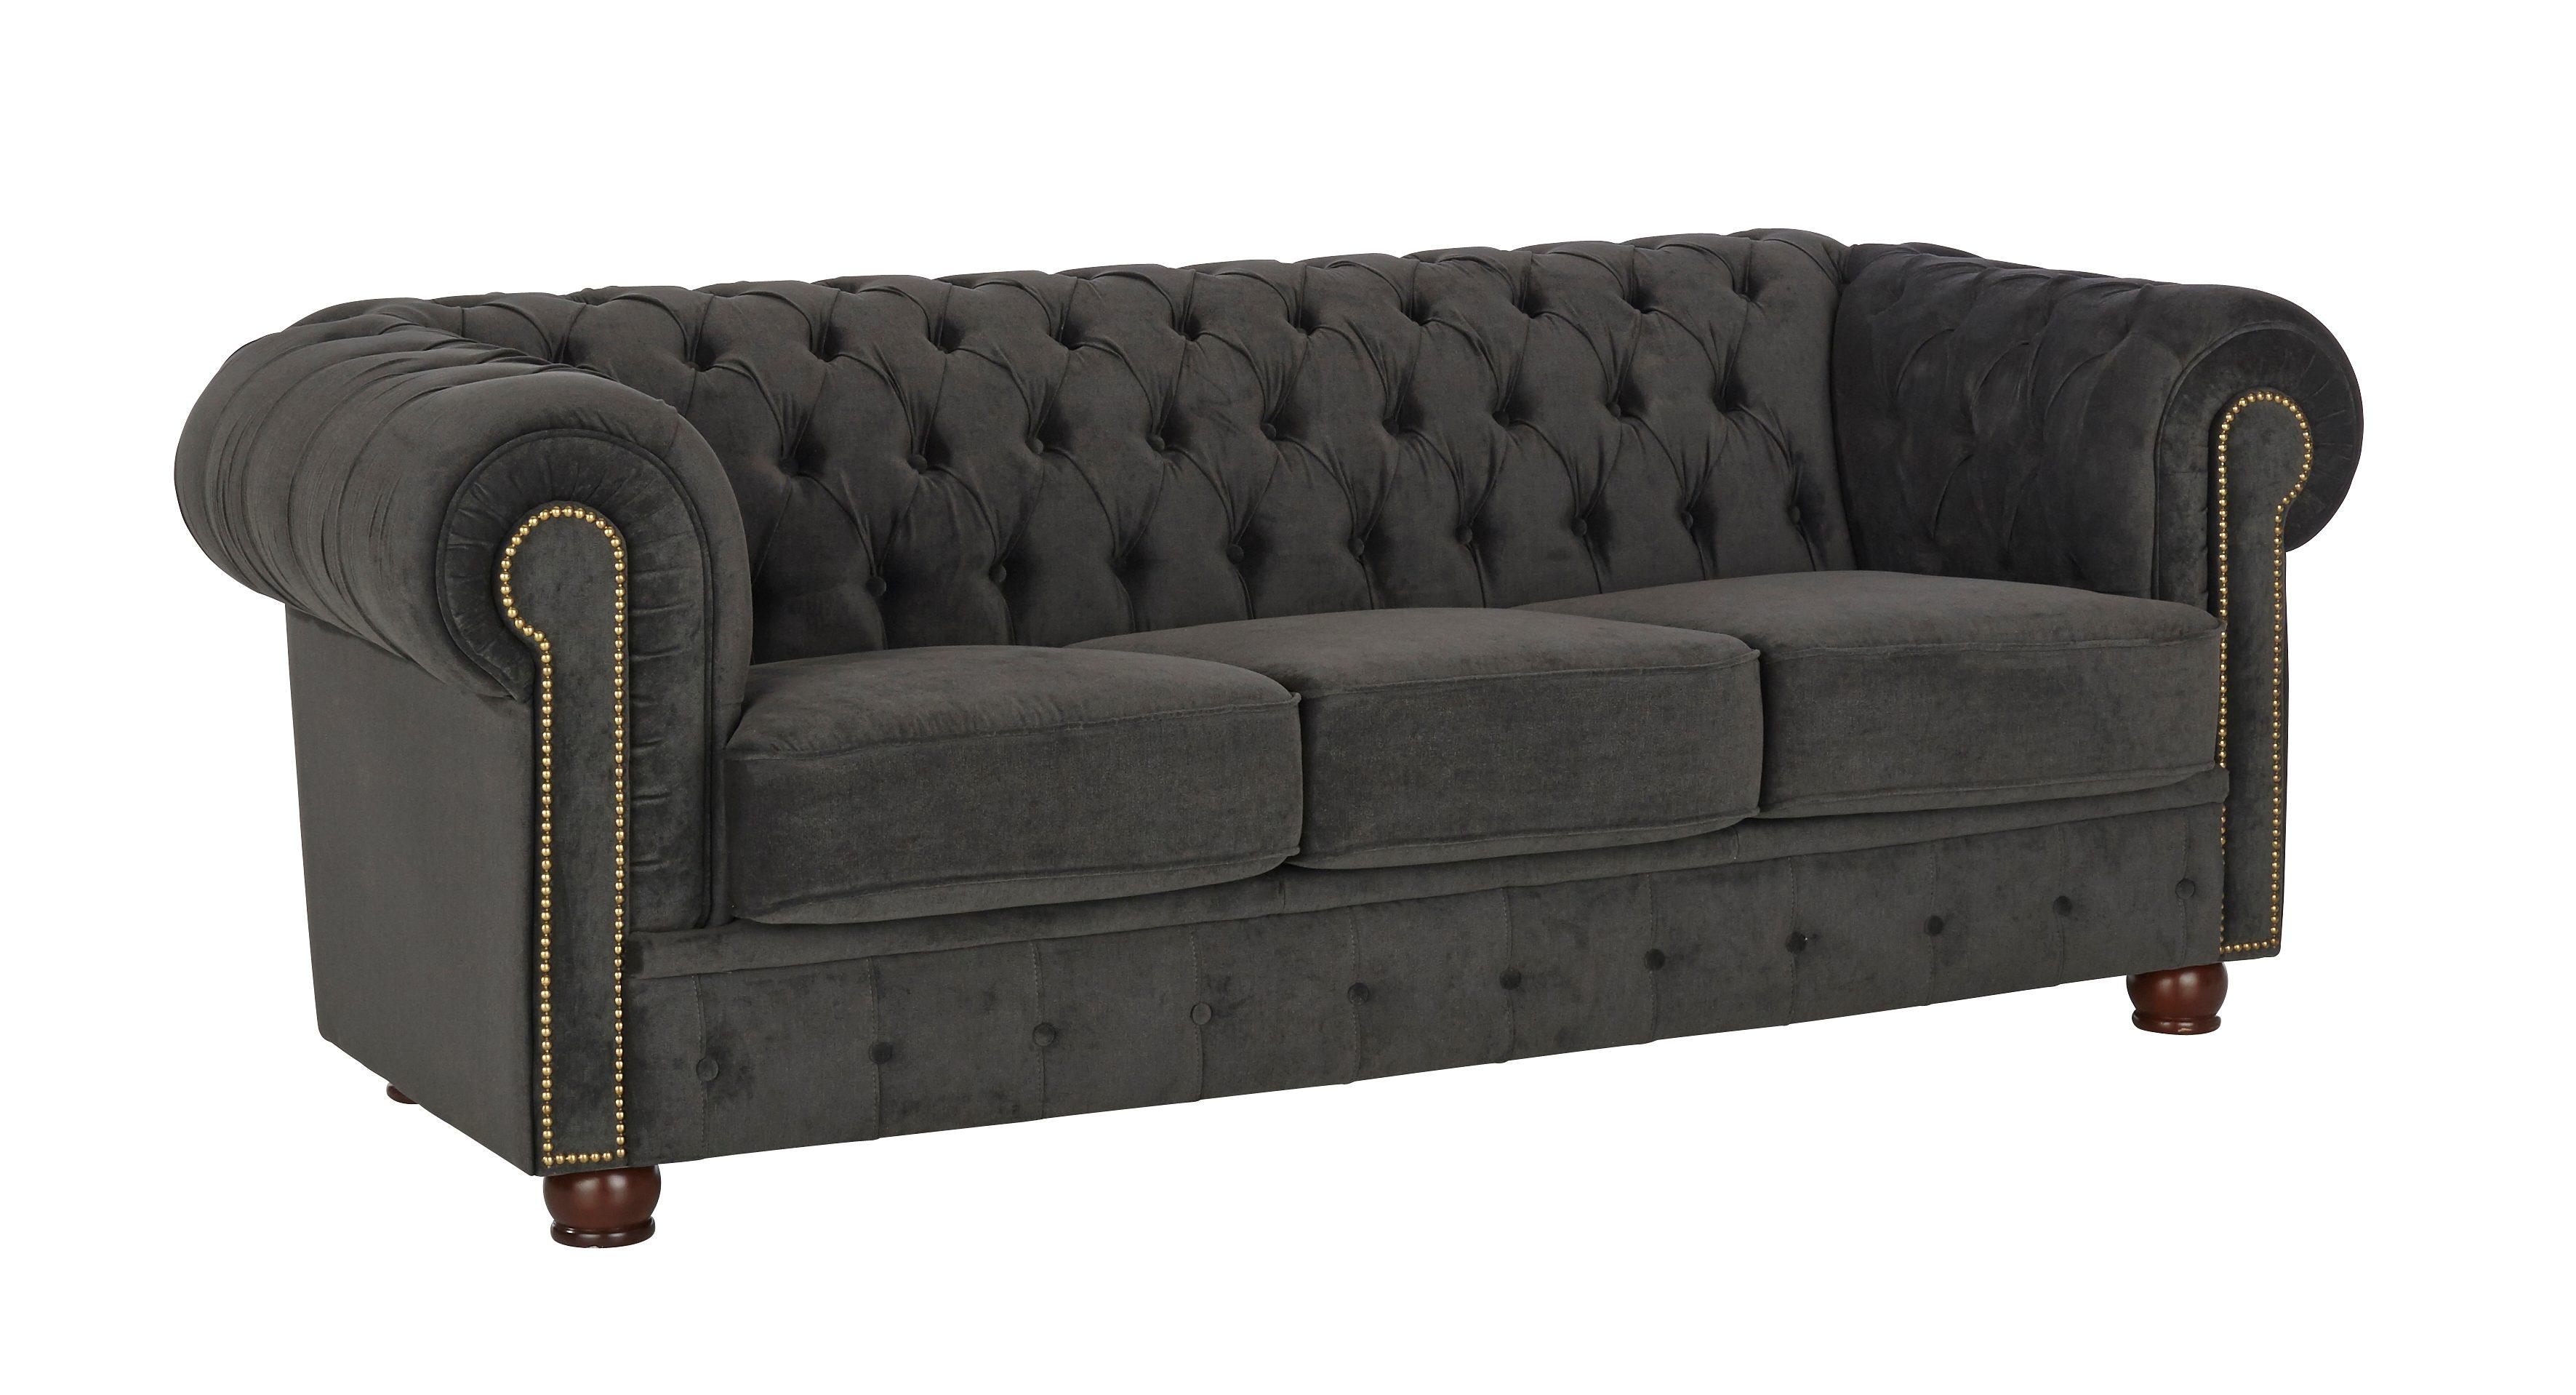 Max Winzer Chesterfield-Sofa Rover   Wohnzimmer > Sofas & Couches > Chesterfield Sofas   Max Winzer